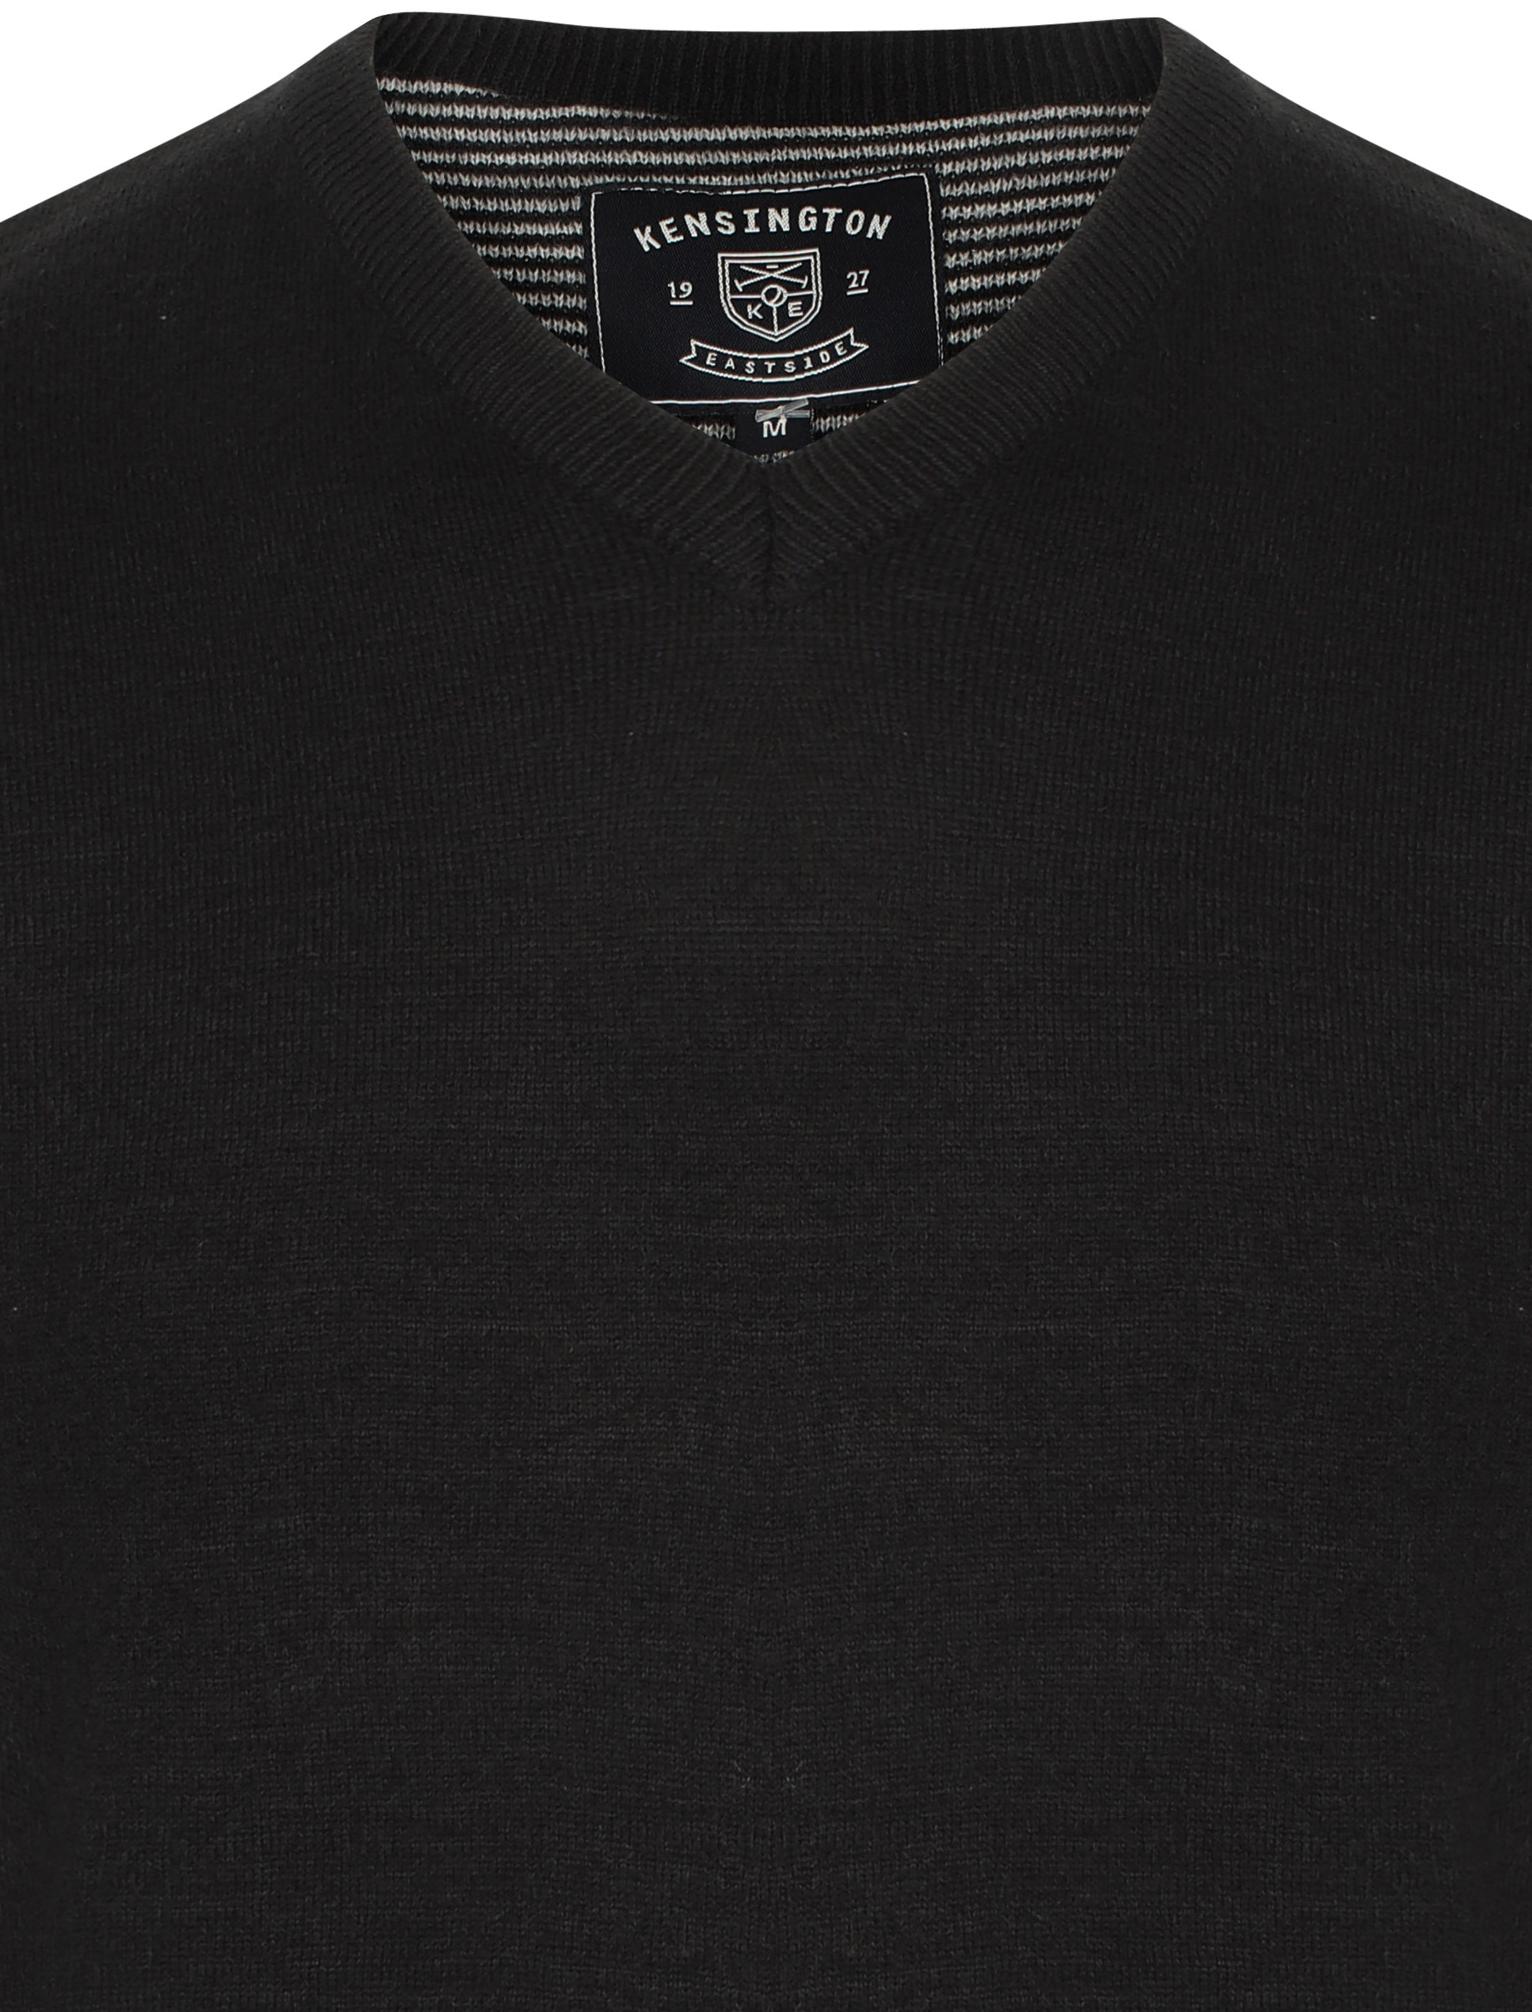 Kensington-Eastside-Men-039-s-Wool-Blend-Knitted-Crew-or-V-Neck-Jumper-Sweater-Top thumbnail 44